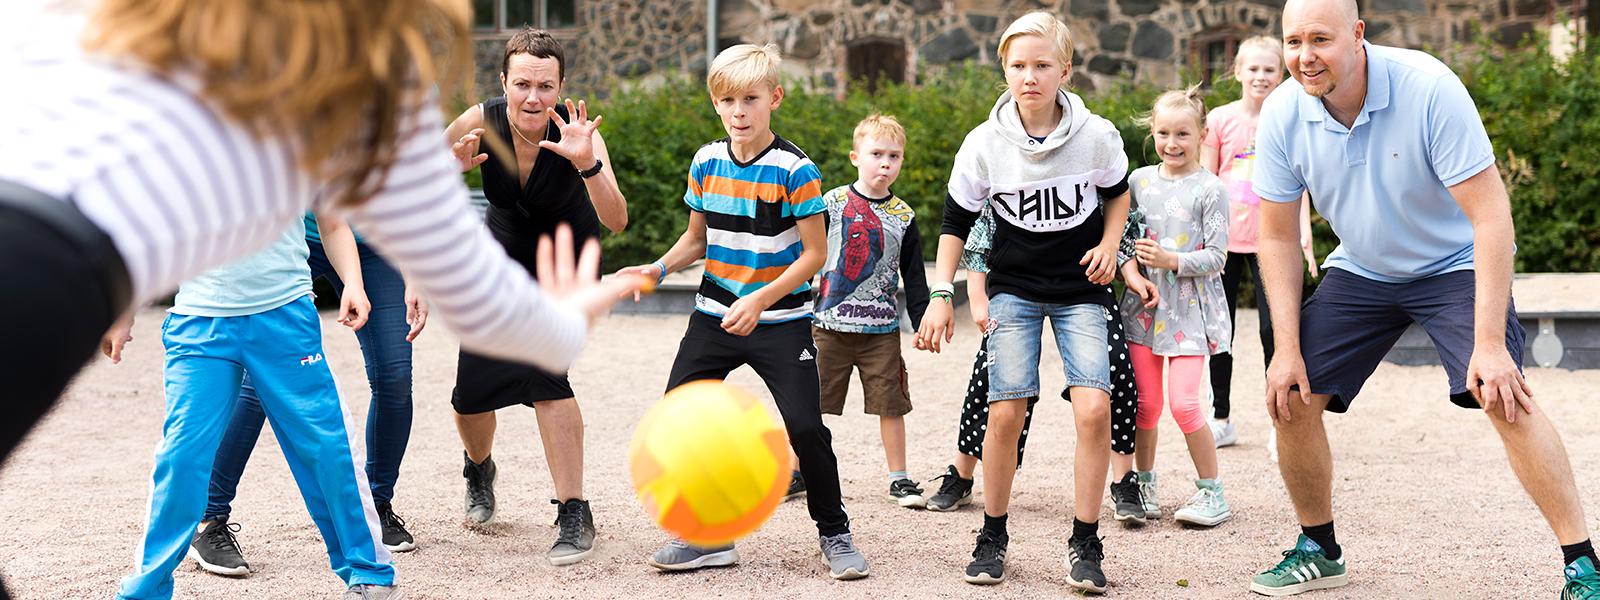 Lapset ja aikuiset pelaavat pallopeliä